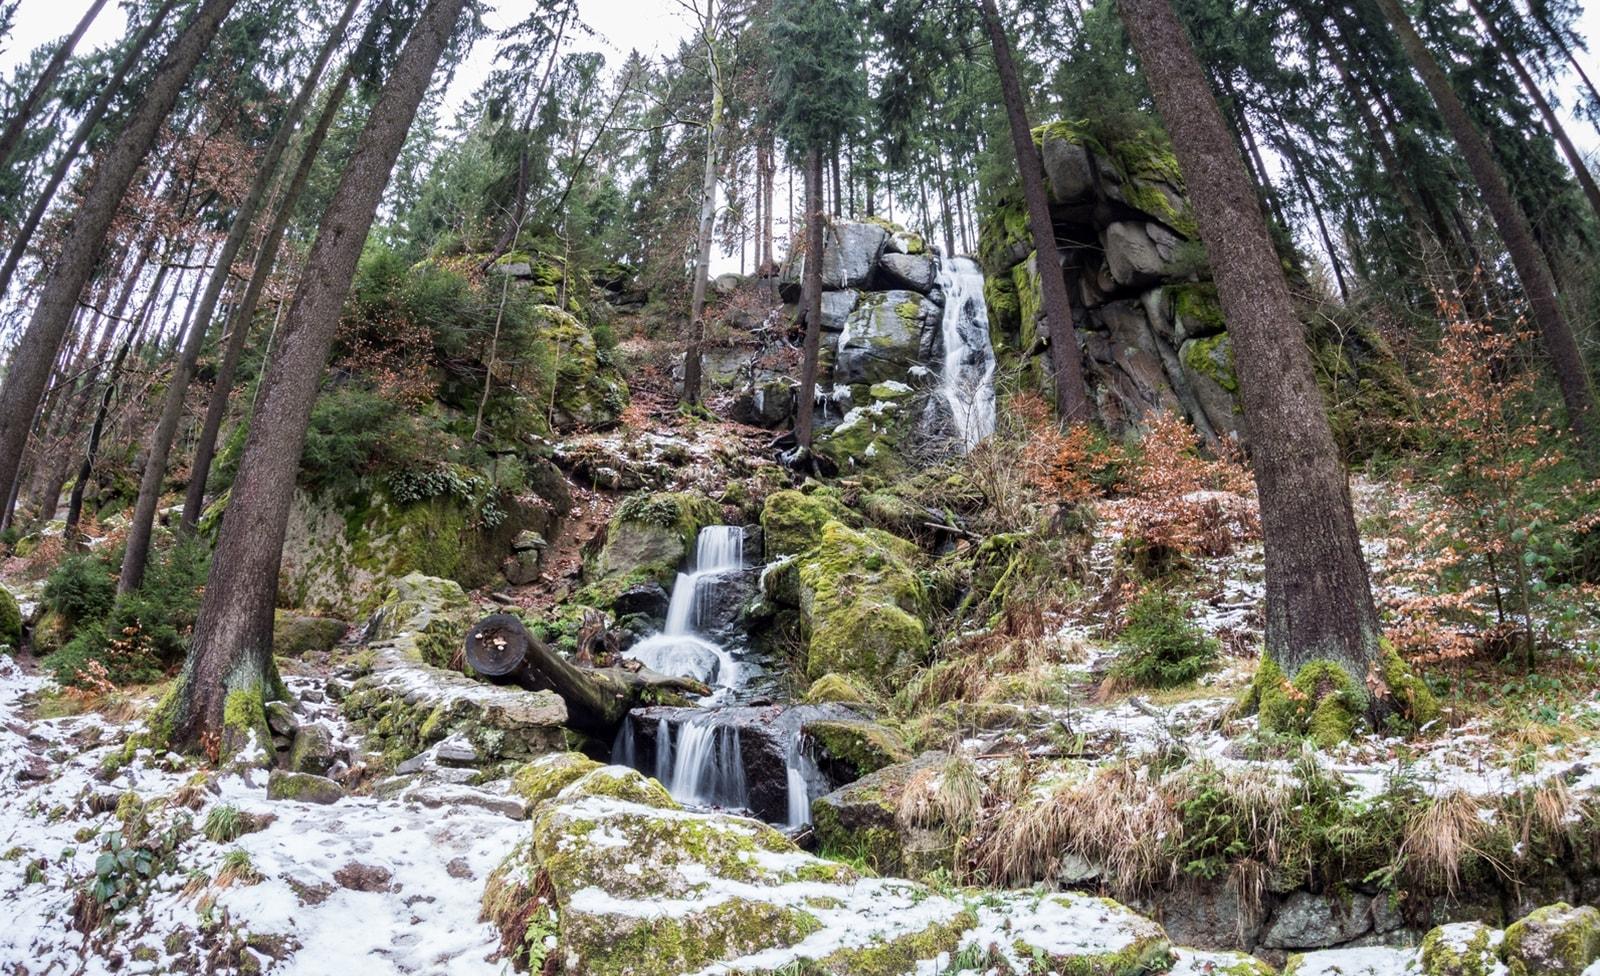 Wasserfall in Sachsen